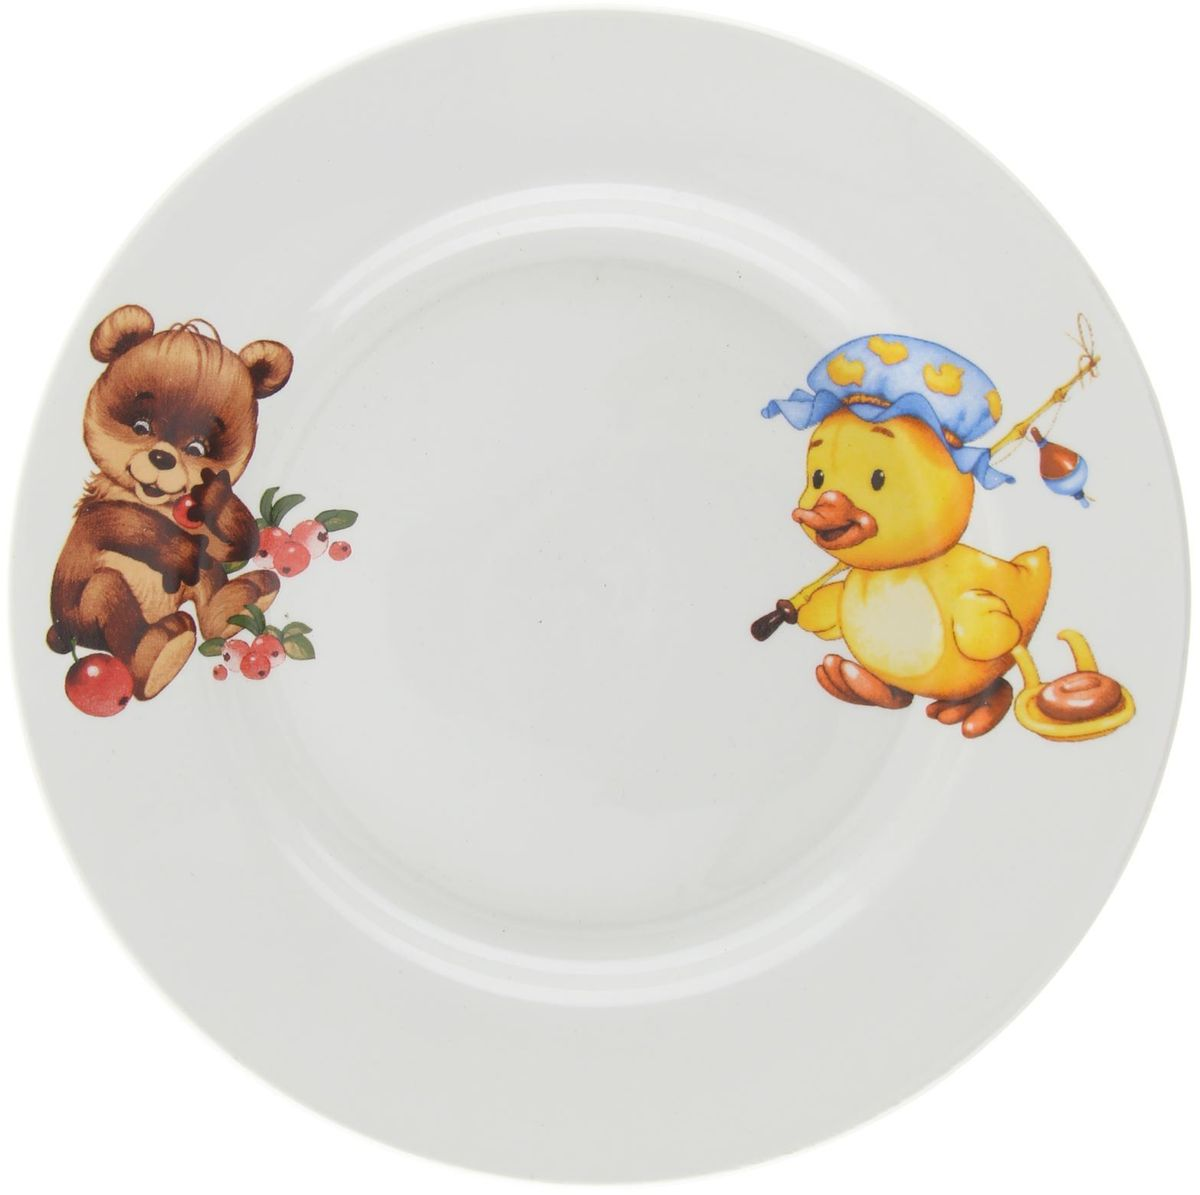 Кубаньфарфор Тарелка детская Утенок Медвежонок1301366Фаянсовая детская посуда с забавным рисунком понравится каждому малышу. Изделие из качественного материала станет правильным выбором для повседневной эксплуатации и поможет превратить каждый прием пищи в радостное приключение. Особенности: - простота мойки, - стойкость к запахам, - насыщенный цвет.